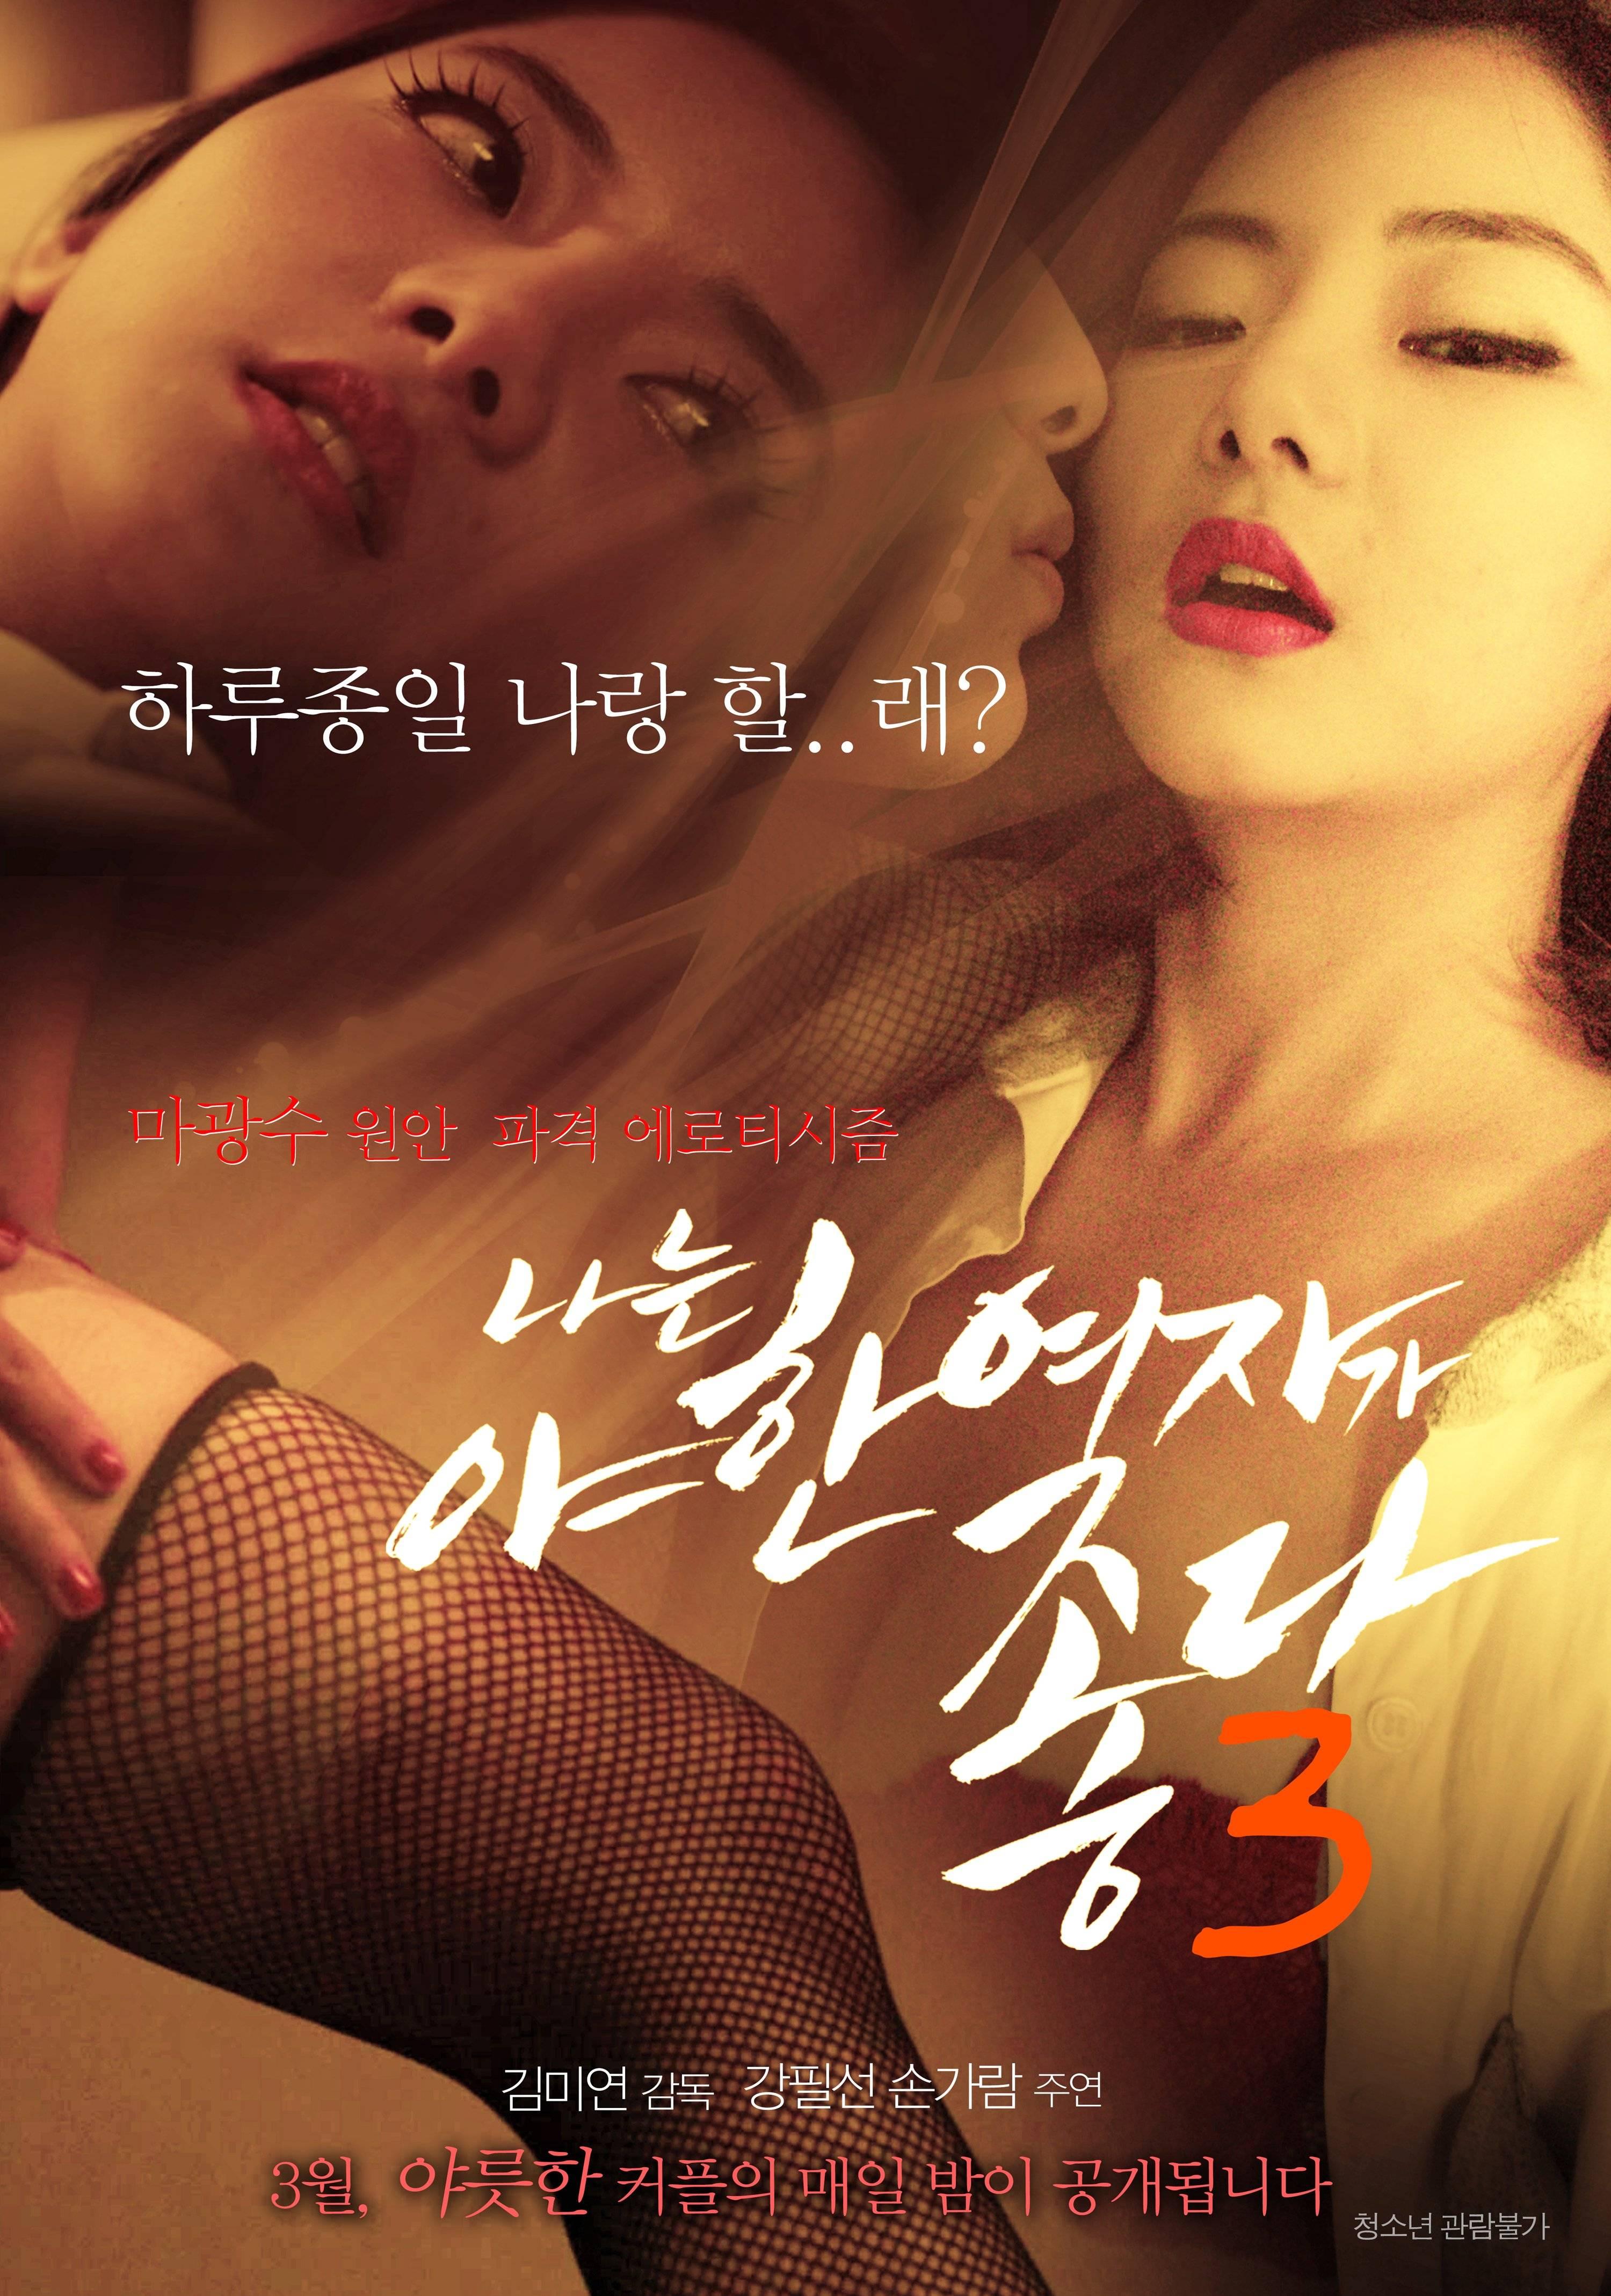 Korea hot movie 2015 list